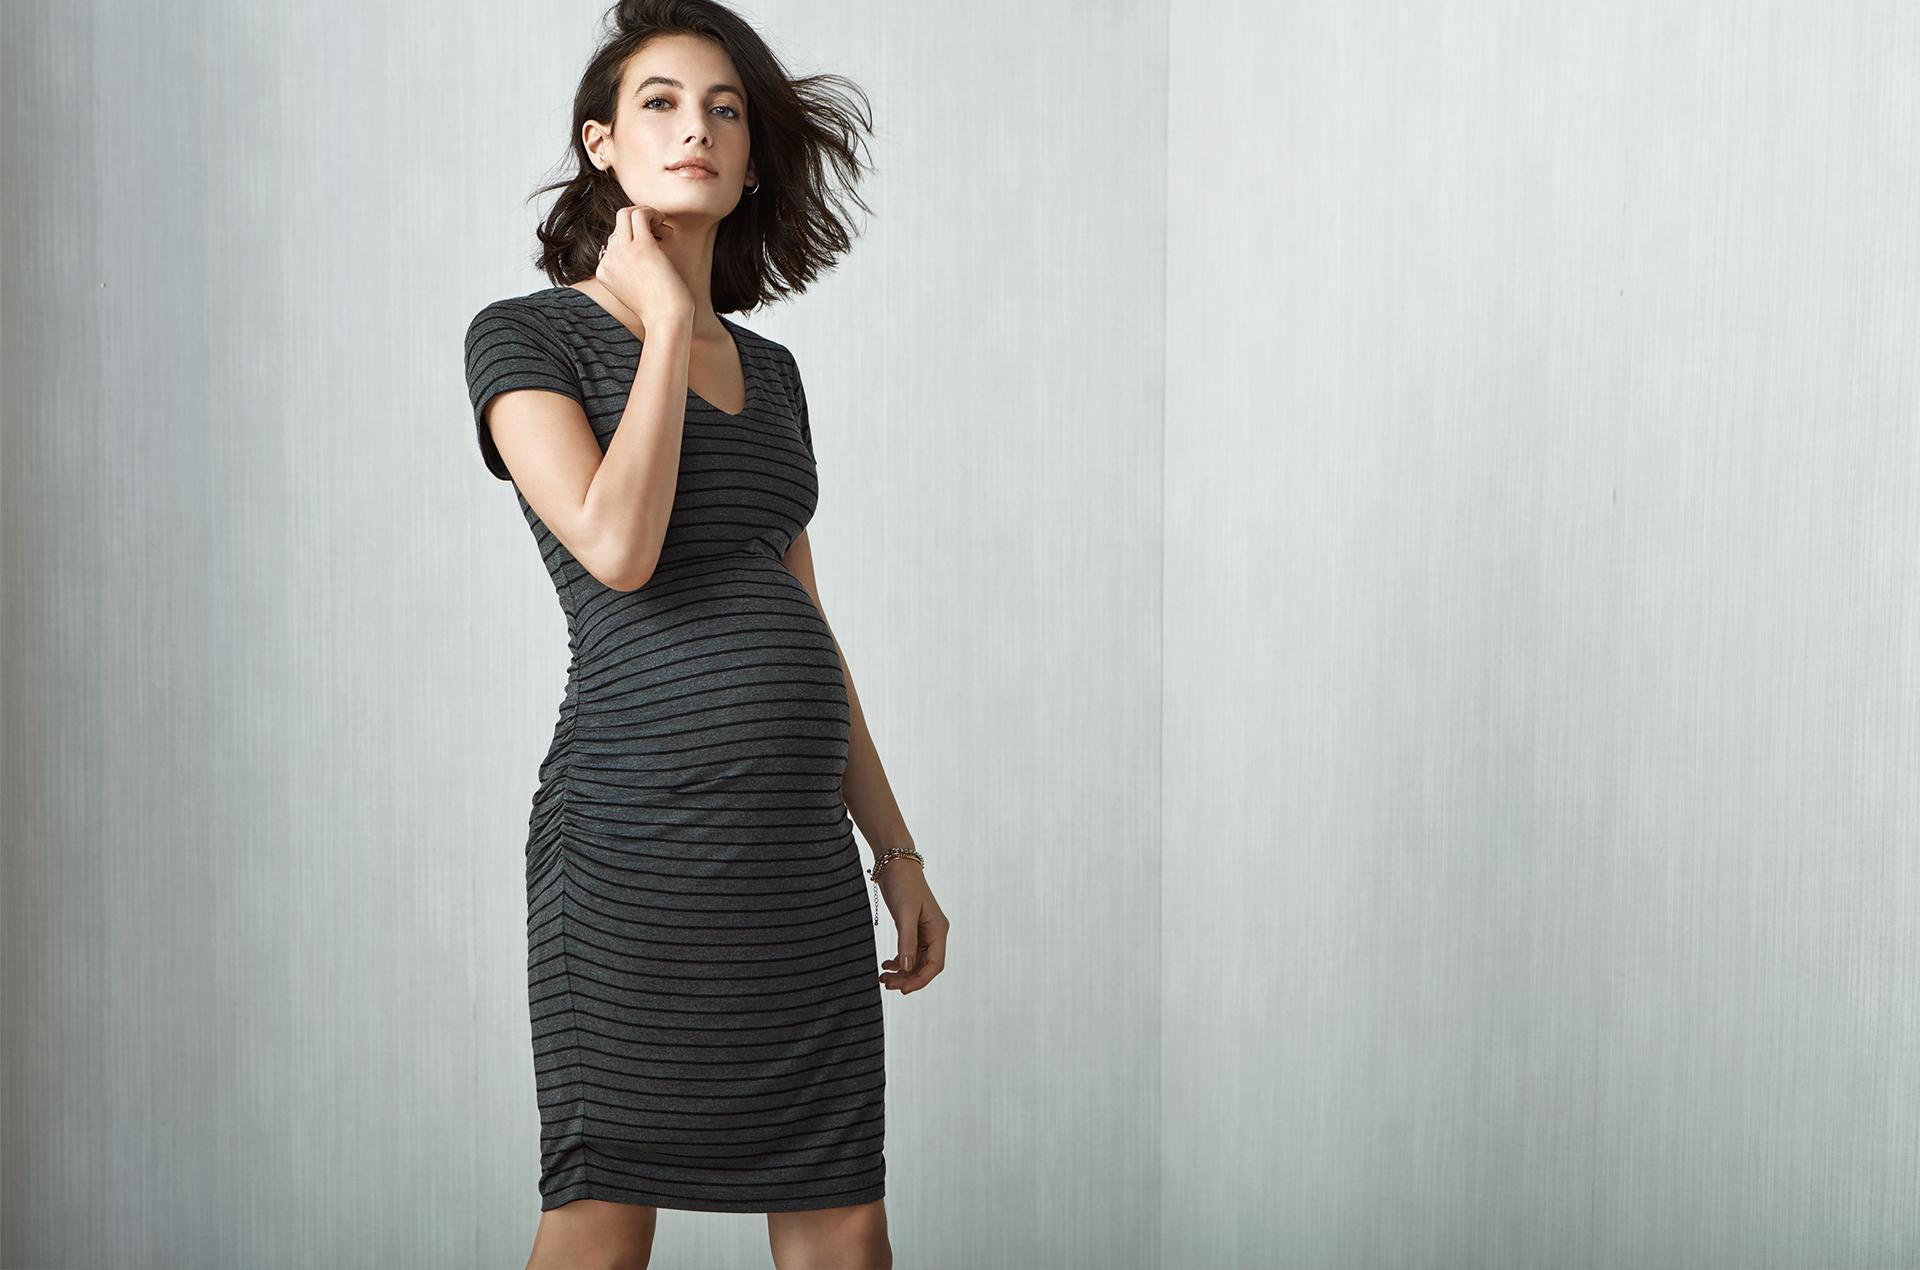 Robes Qualifiées. Faites bonne impression dans nos robes qui avantageront votre nouvelle figure